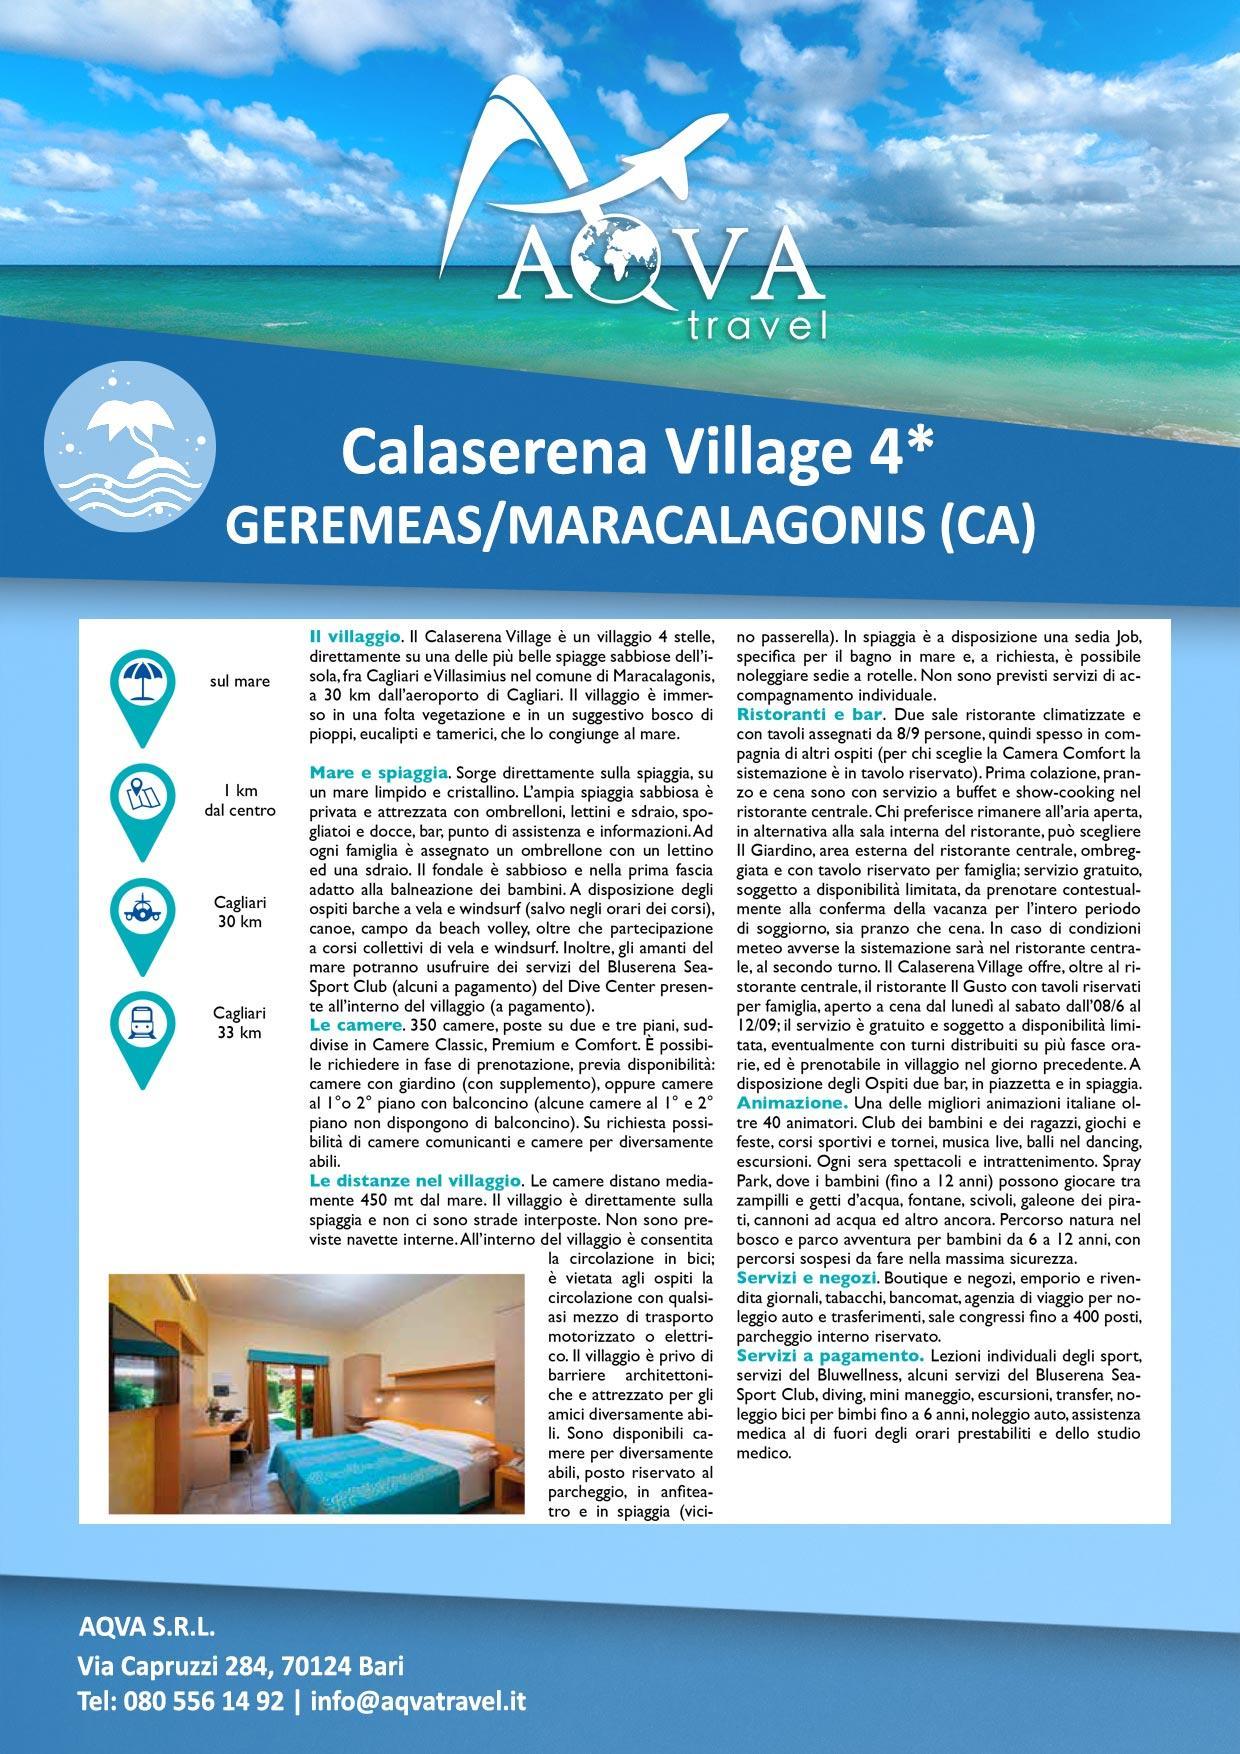 Calaserena-Village-Mare-offerte-agenzia-di-viaggi-Bari-AQVATRAVEL-it